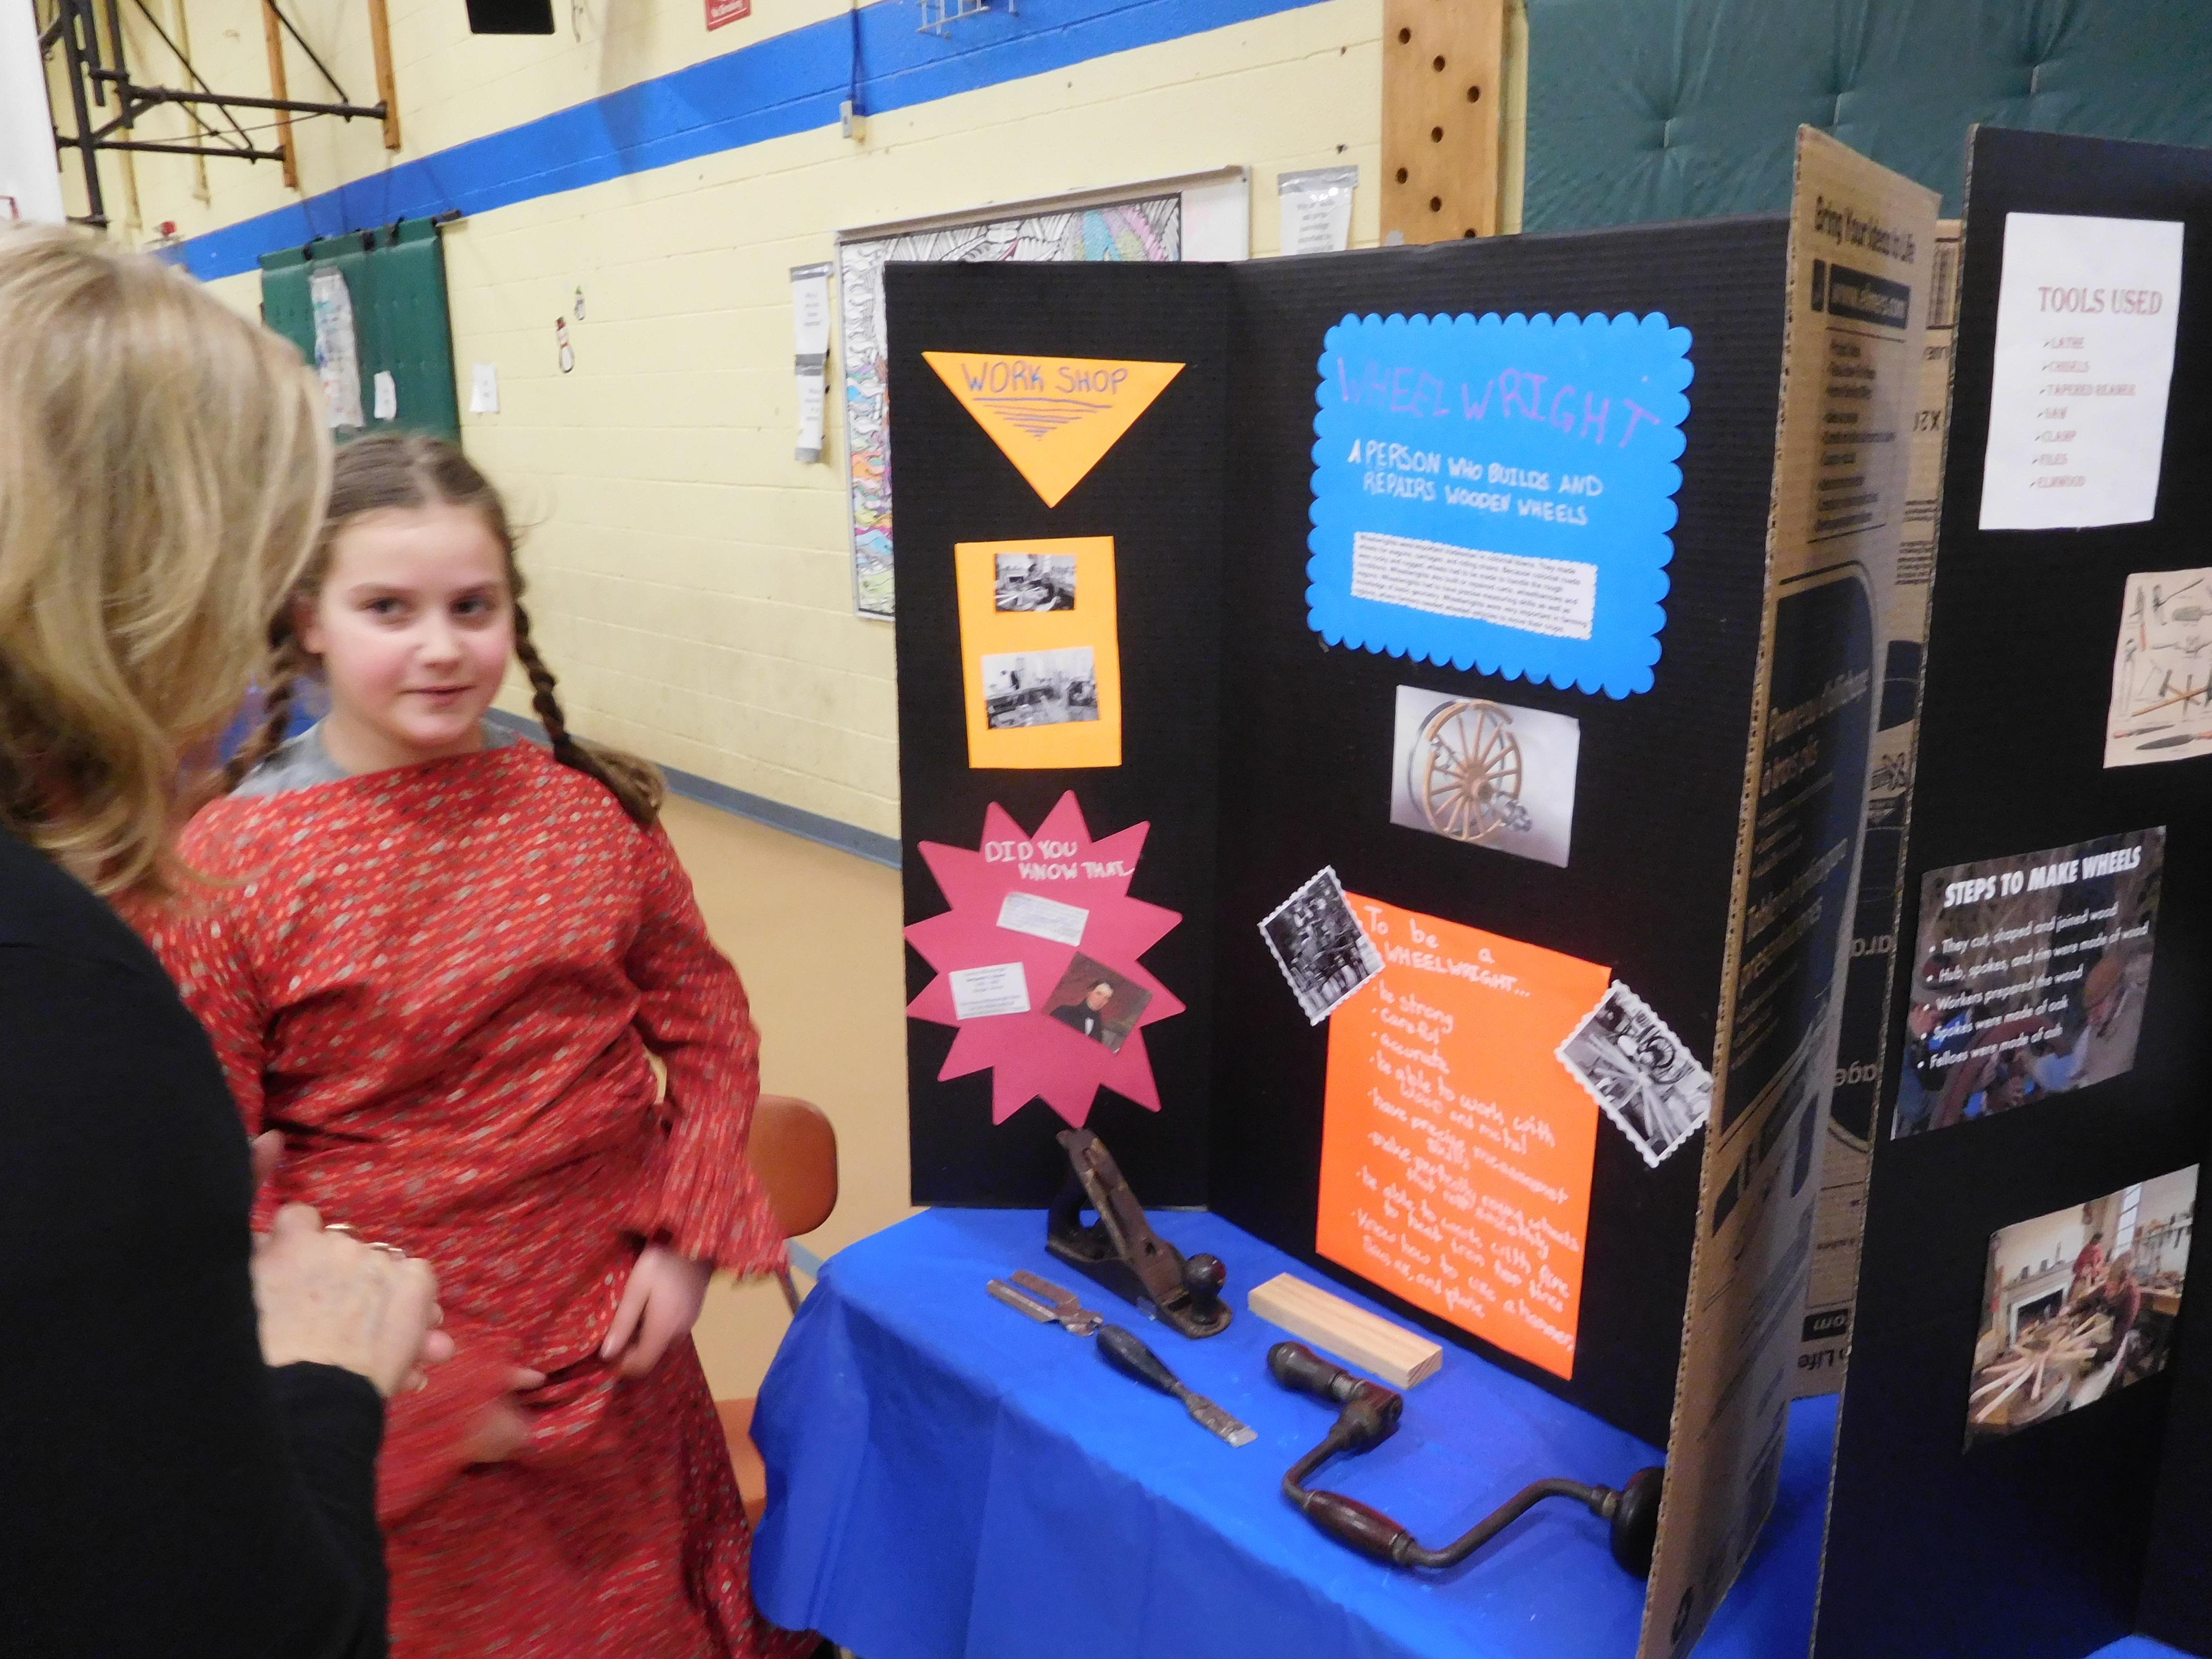 Blue apron job fair nj - Colonial Fair